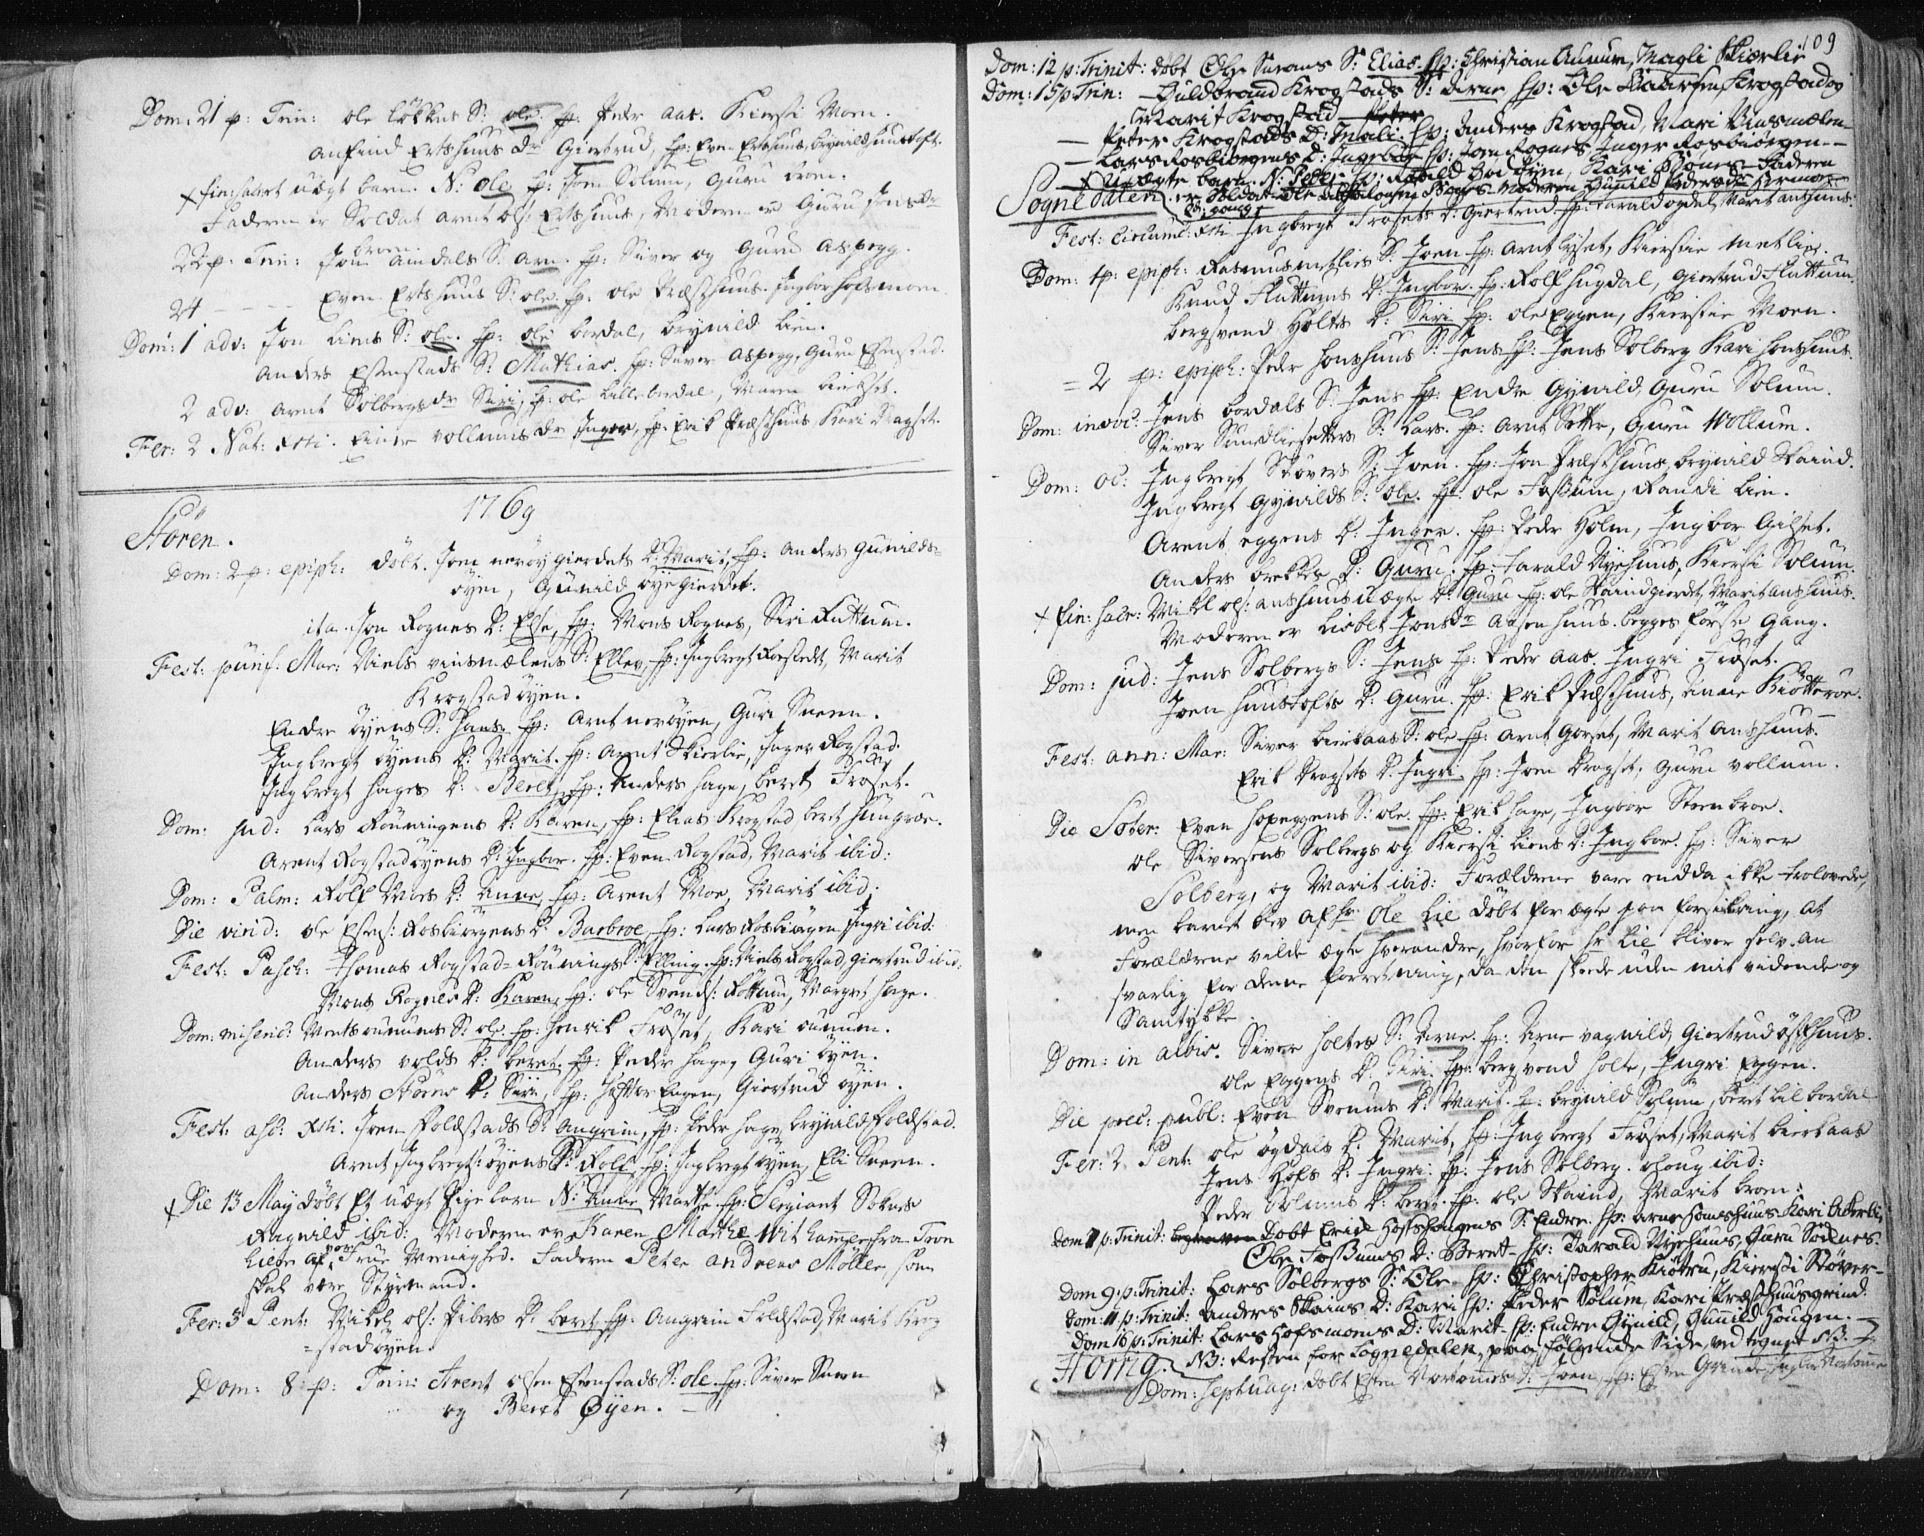 SAT, Ministerialprotokoller, klokkerbøker og fødselsregistre - Sør-Trøndelag, 687/L0991: Ministerialbok nr. 687A02, 1747-1790, s. 109